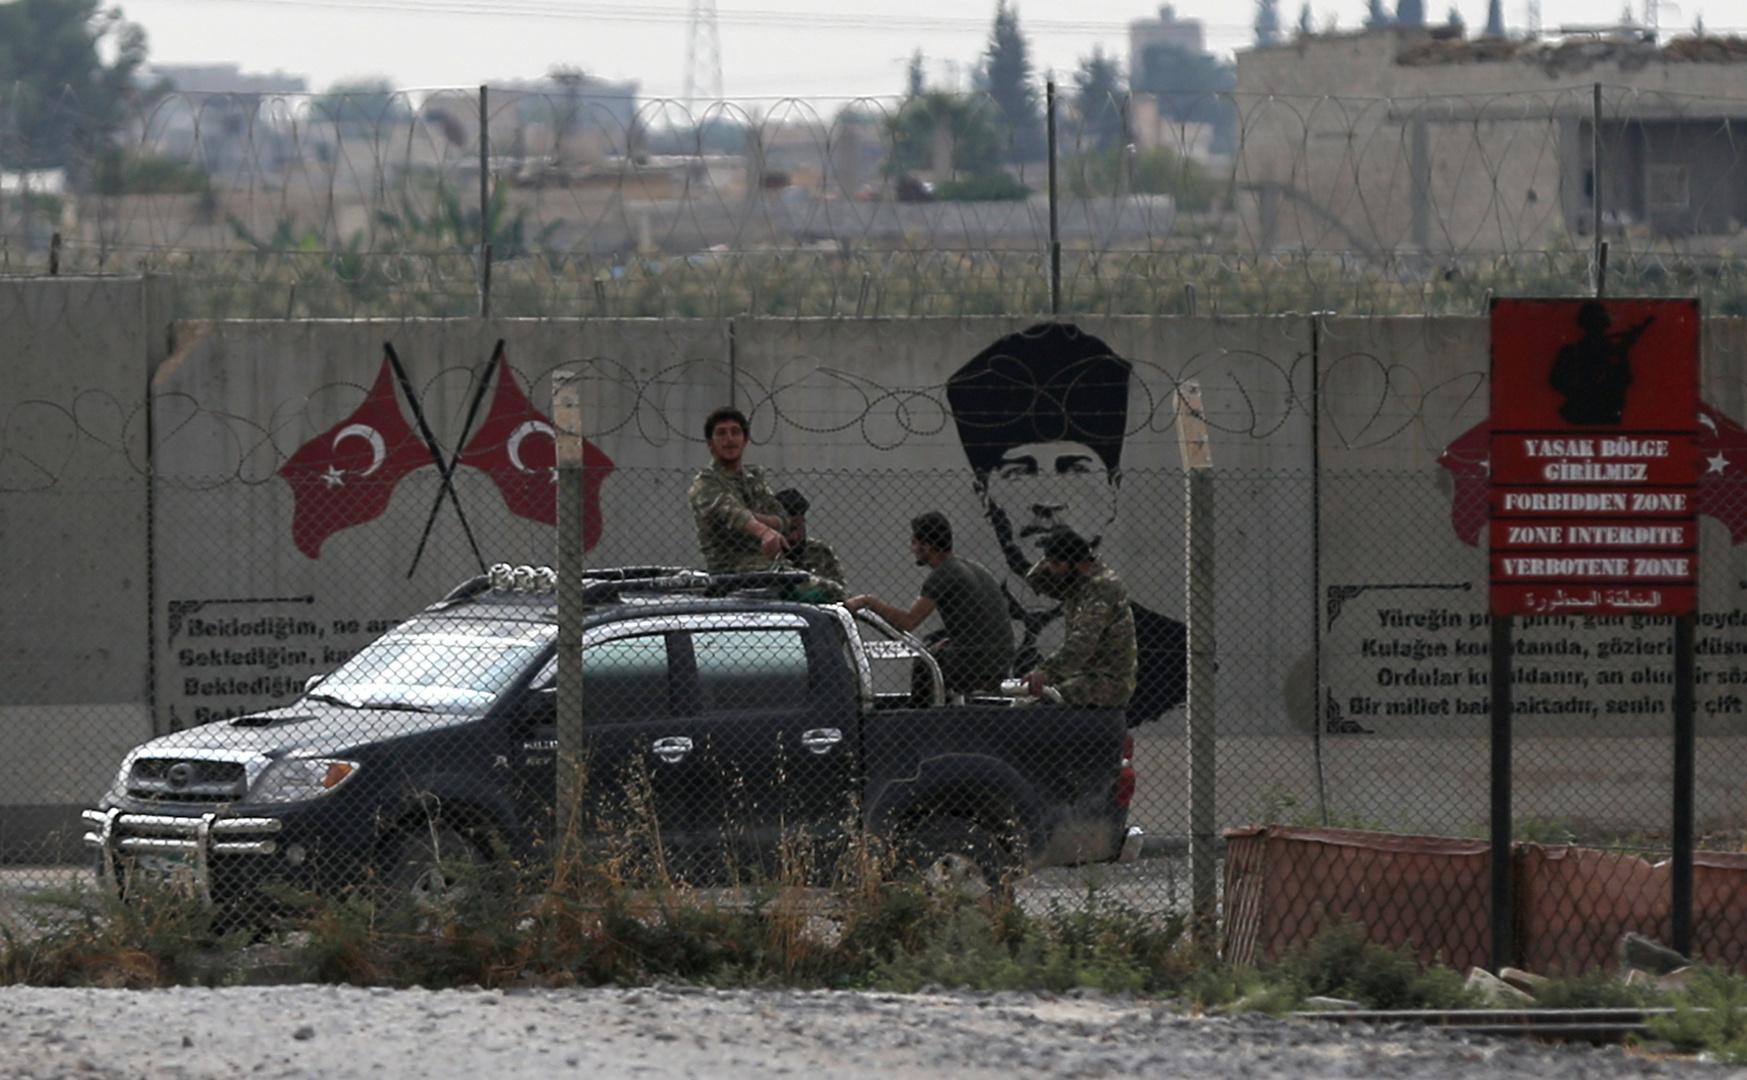 أنباء تتحدث عن اعتقال الأتراك لشقيق أبو مسلم الشيشاني